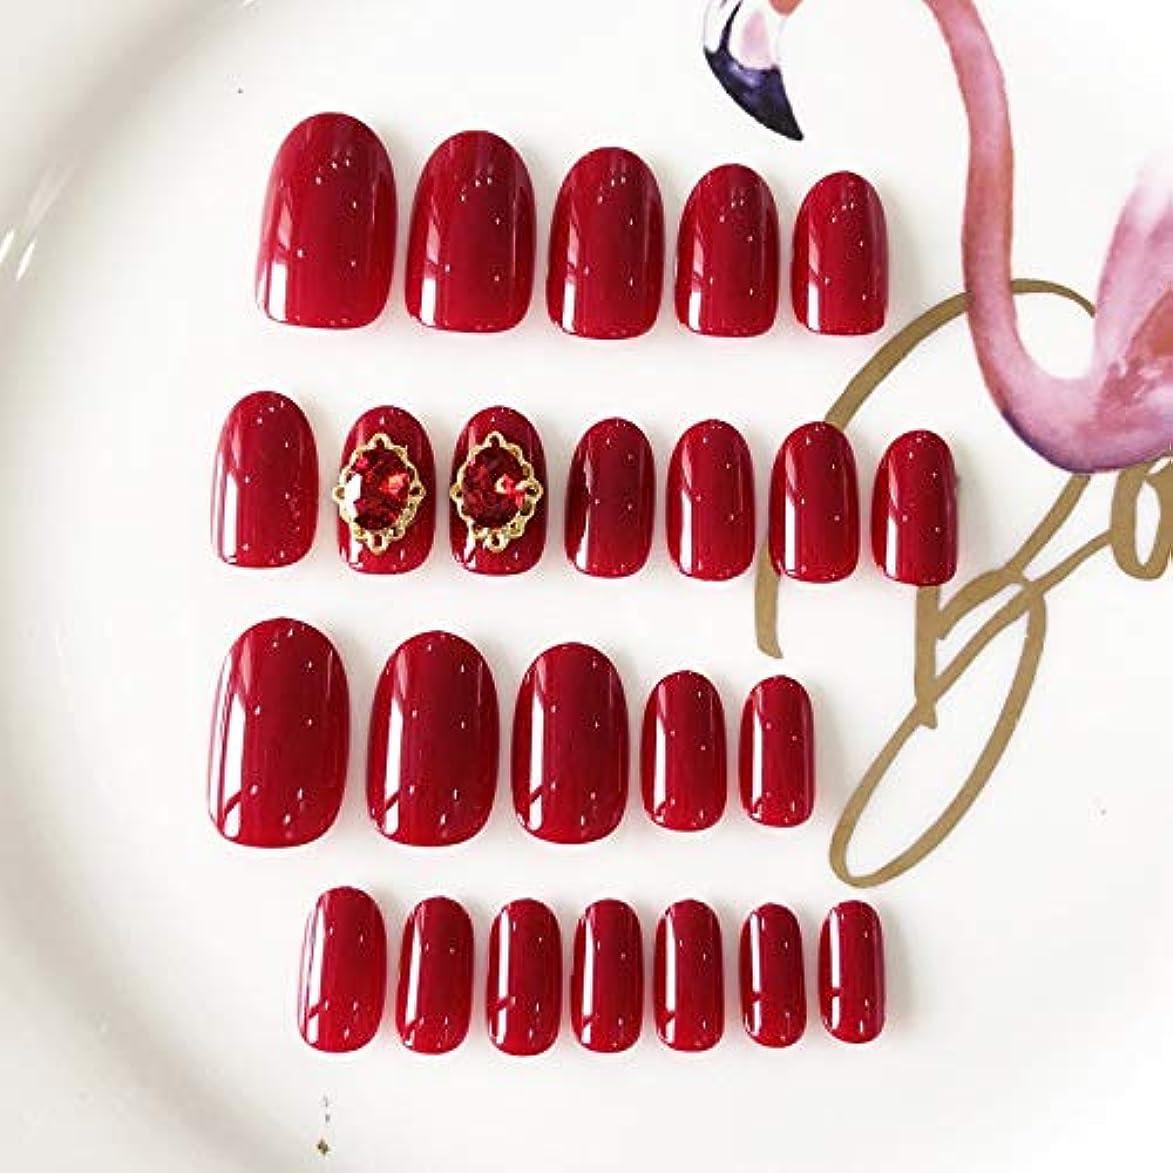 ダンスドット成分XUANHU HOME 24個の短い楕円形の偽爪12サイズ単色ワインレッドエレガントな偽爪結婚式